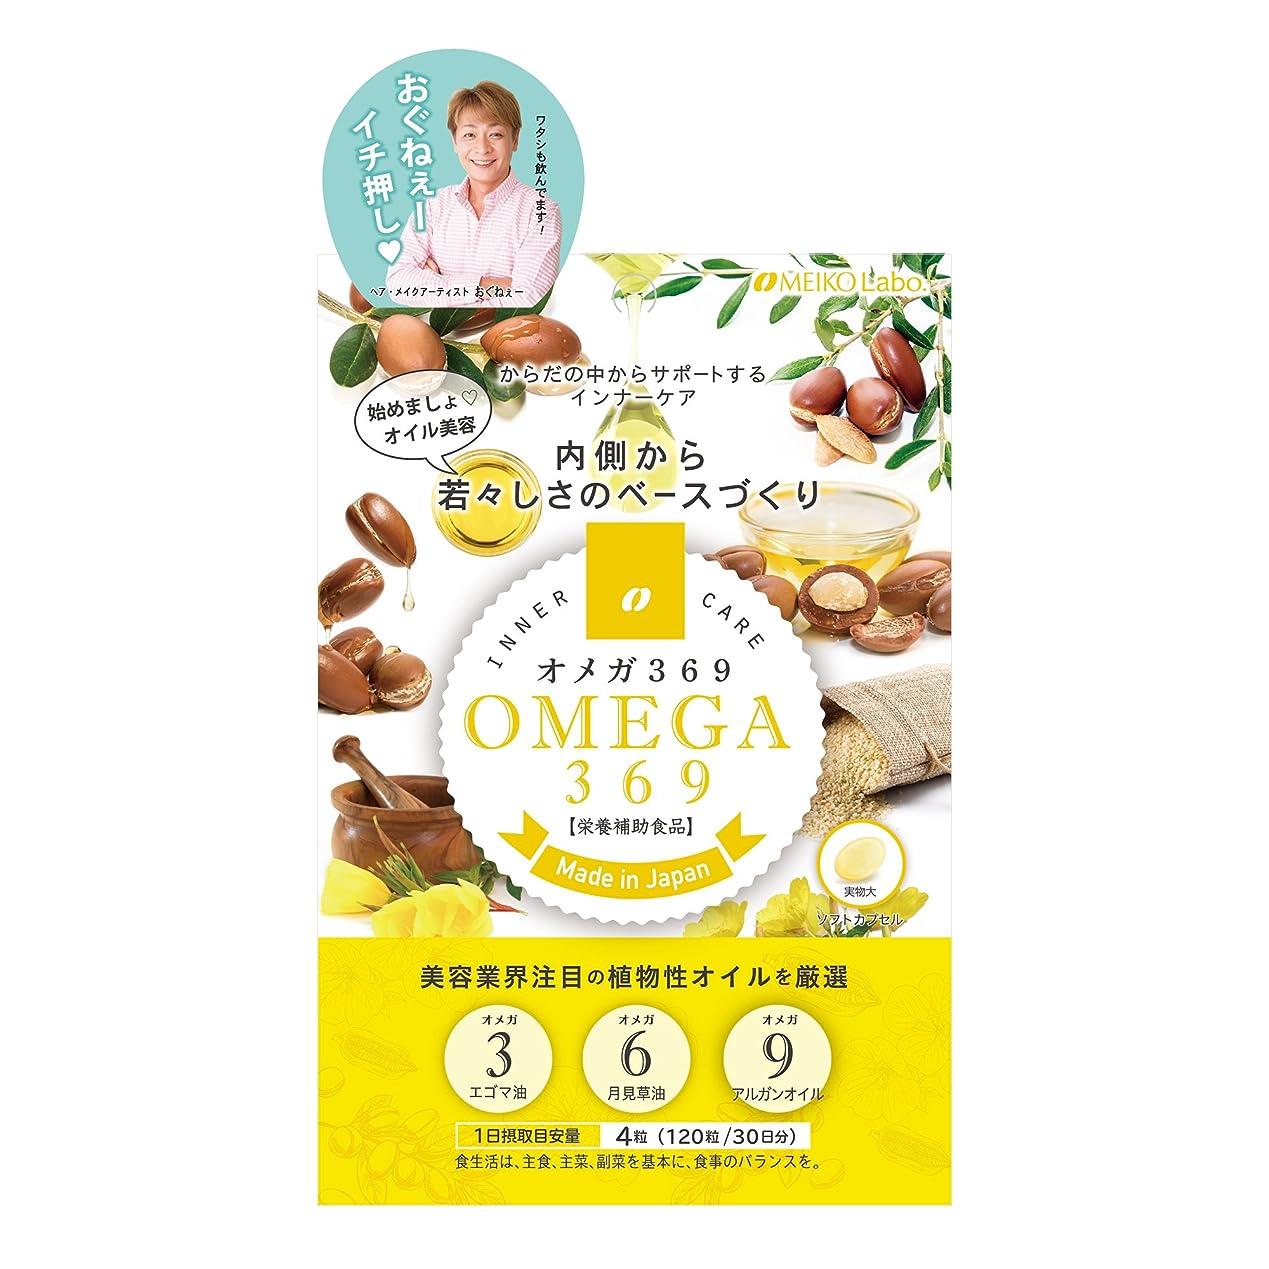 農学ぬるい宿るオメガ3 6 9 30日分 120粒 サプリメント ( 栄養補助食品 日本製 ) 【 メイコーラボ 】